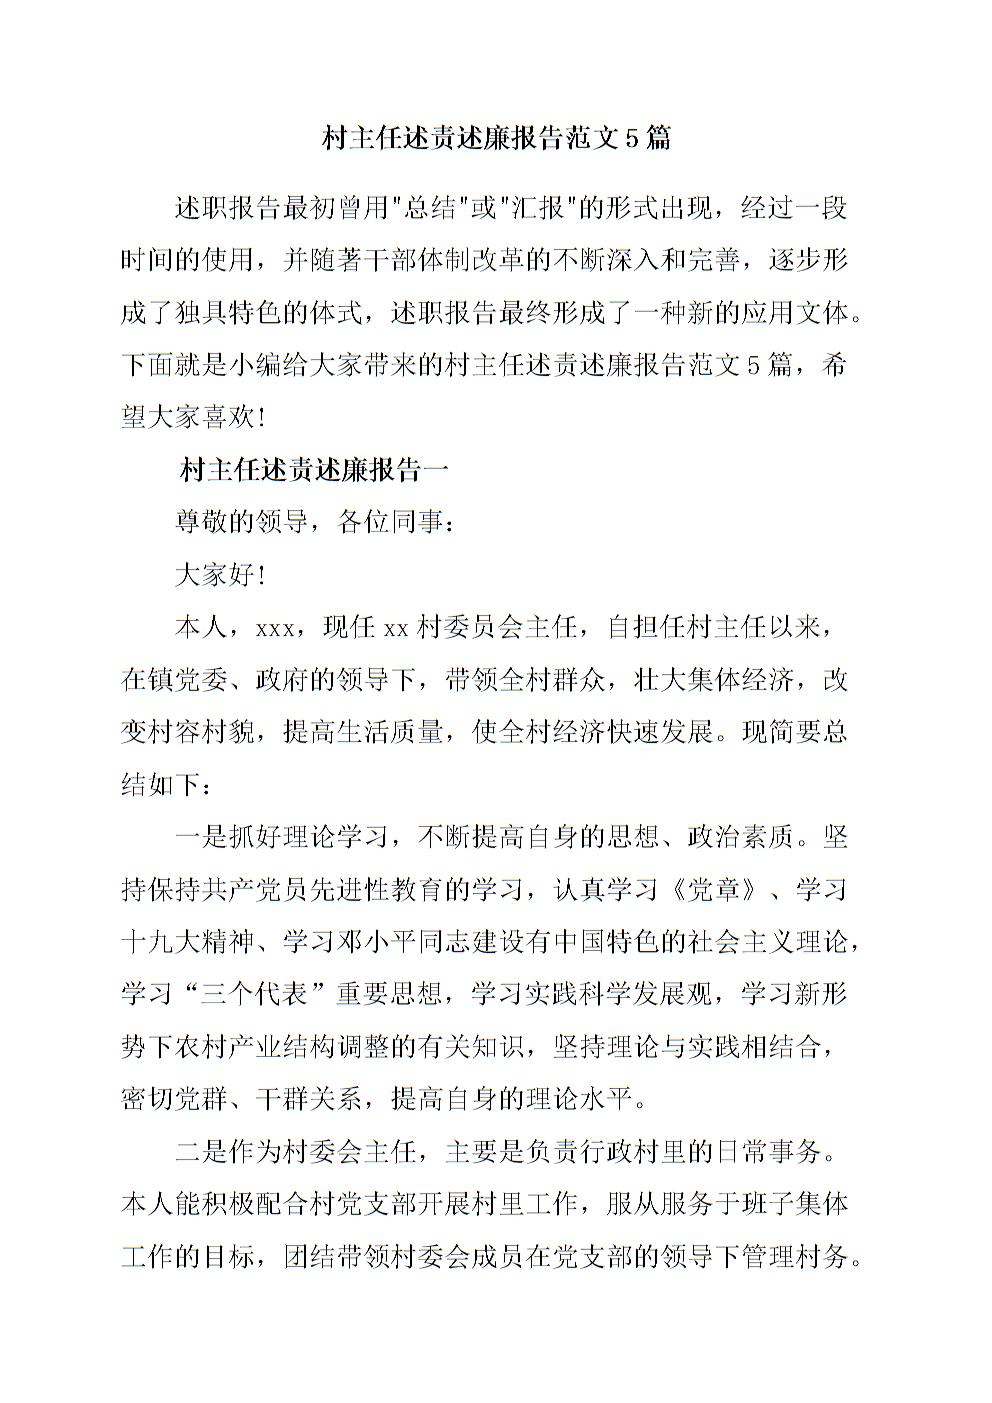 村主任述责述廉报告范文5篇.doc